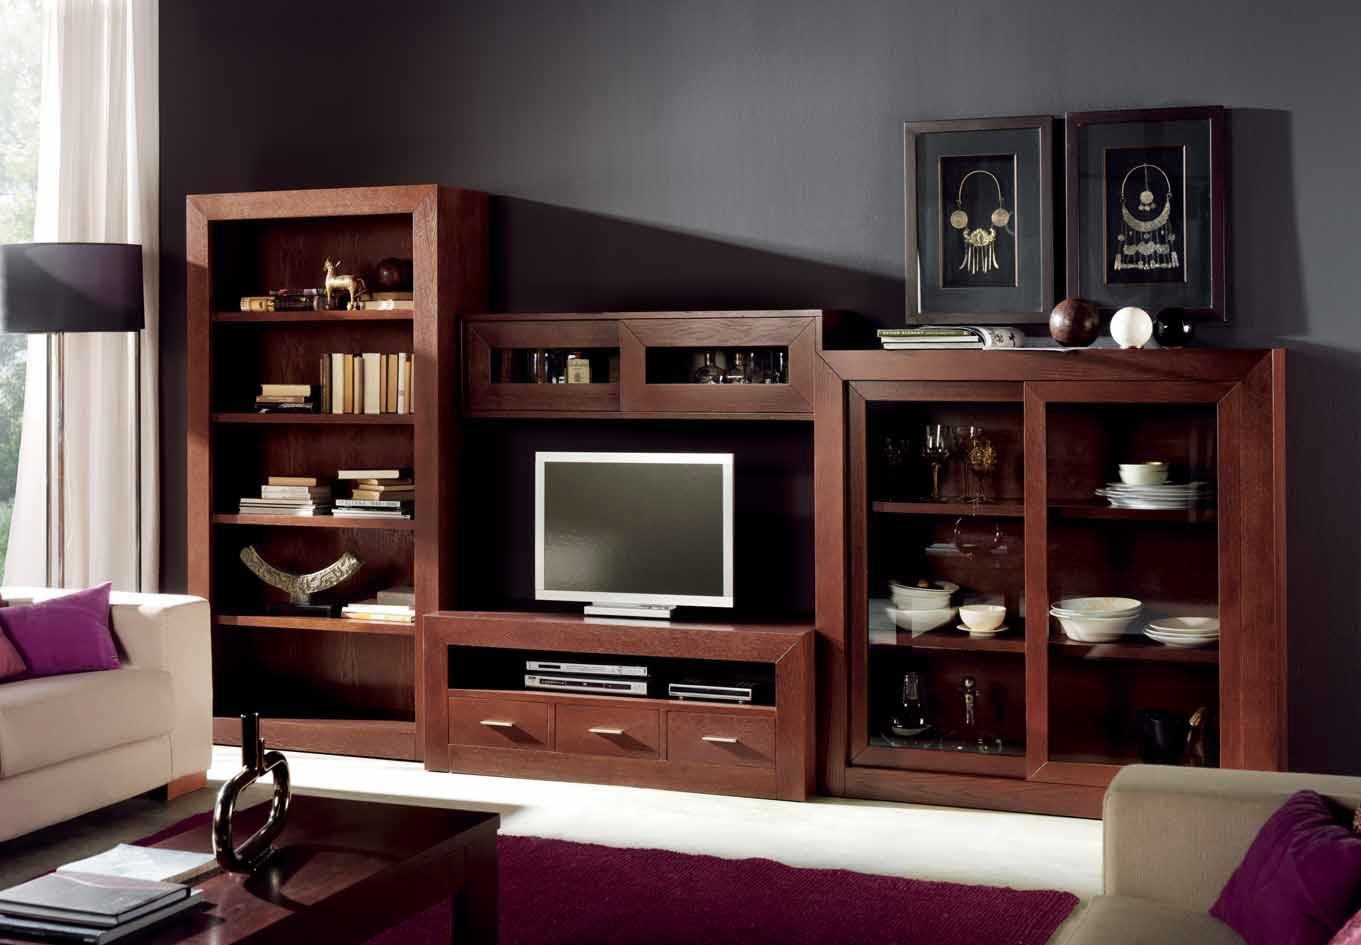 Como hacer un mueble de salon best great muebles salon disecbo moderno torrevieja mueble salcbn - Como hacer un mueble de salon ...